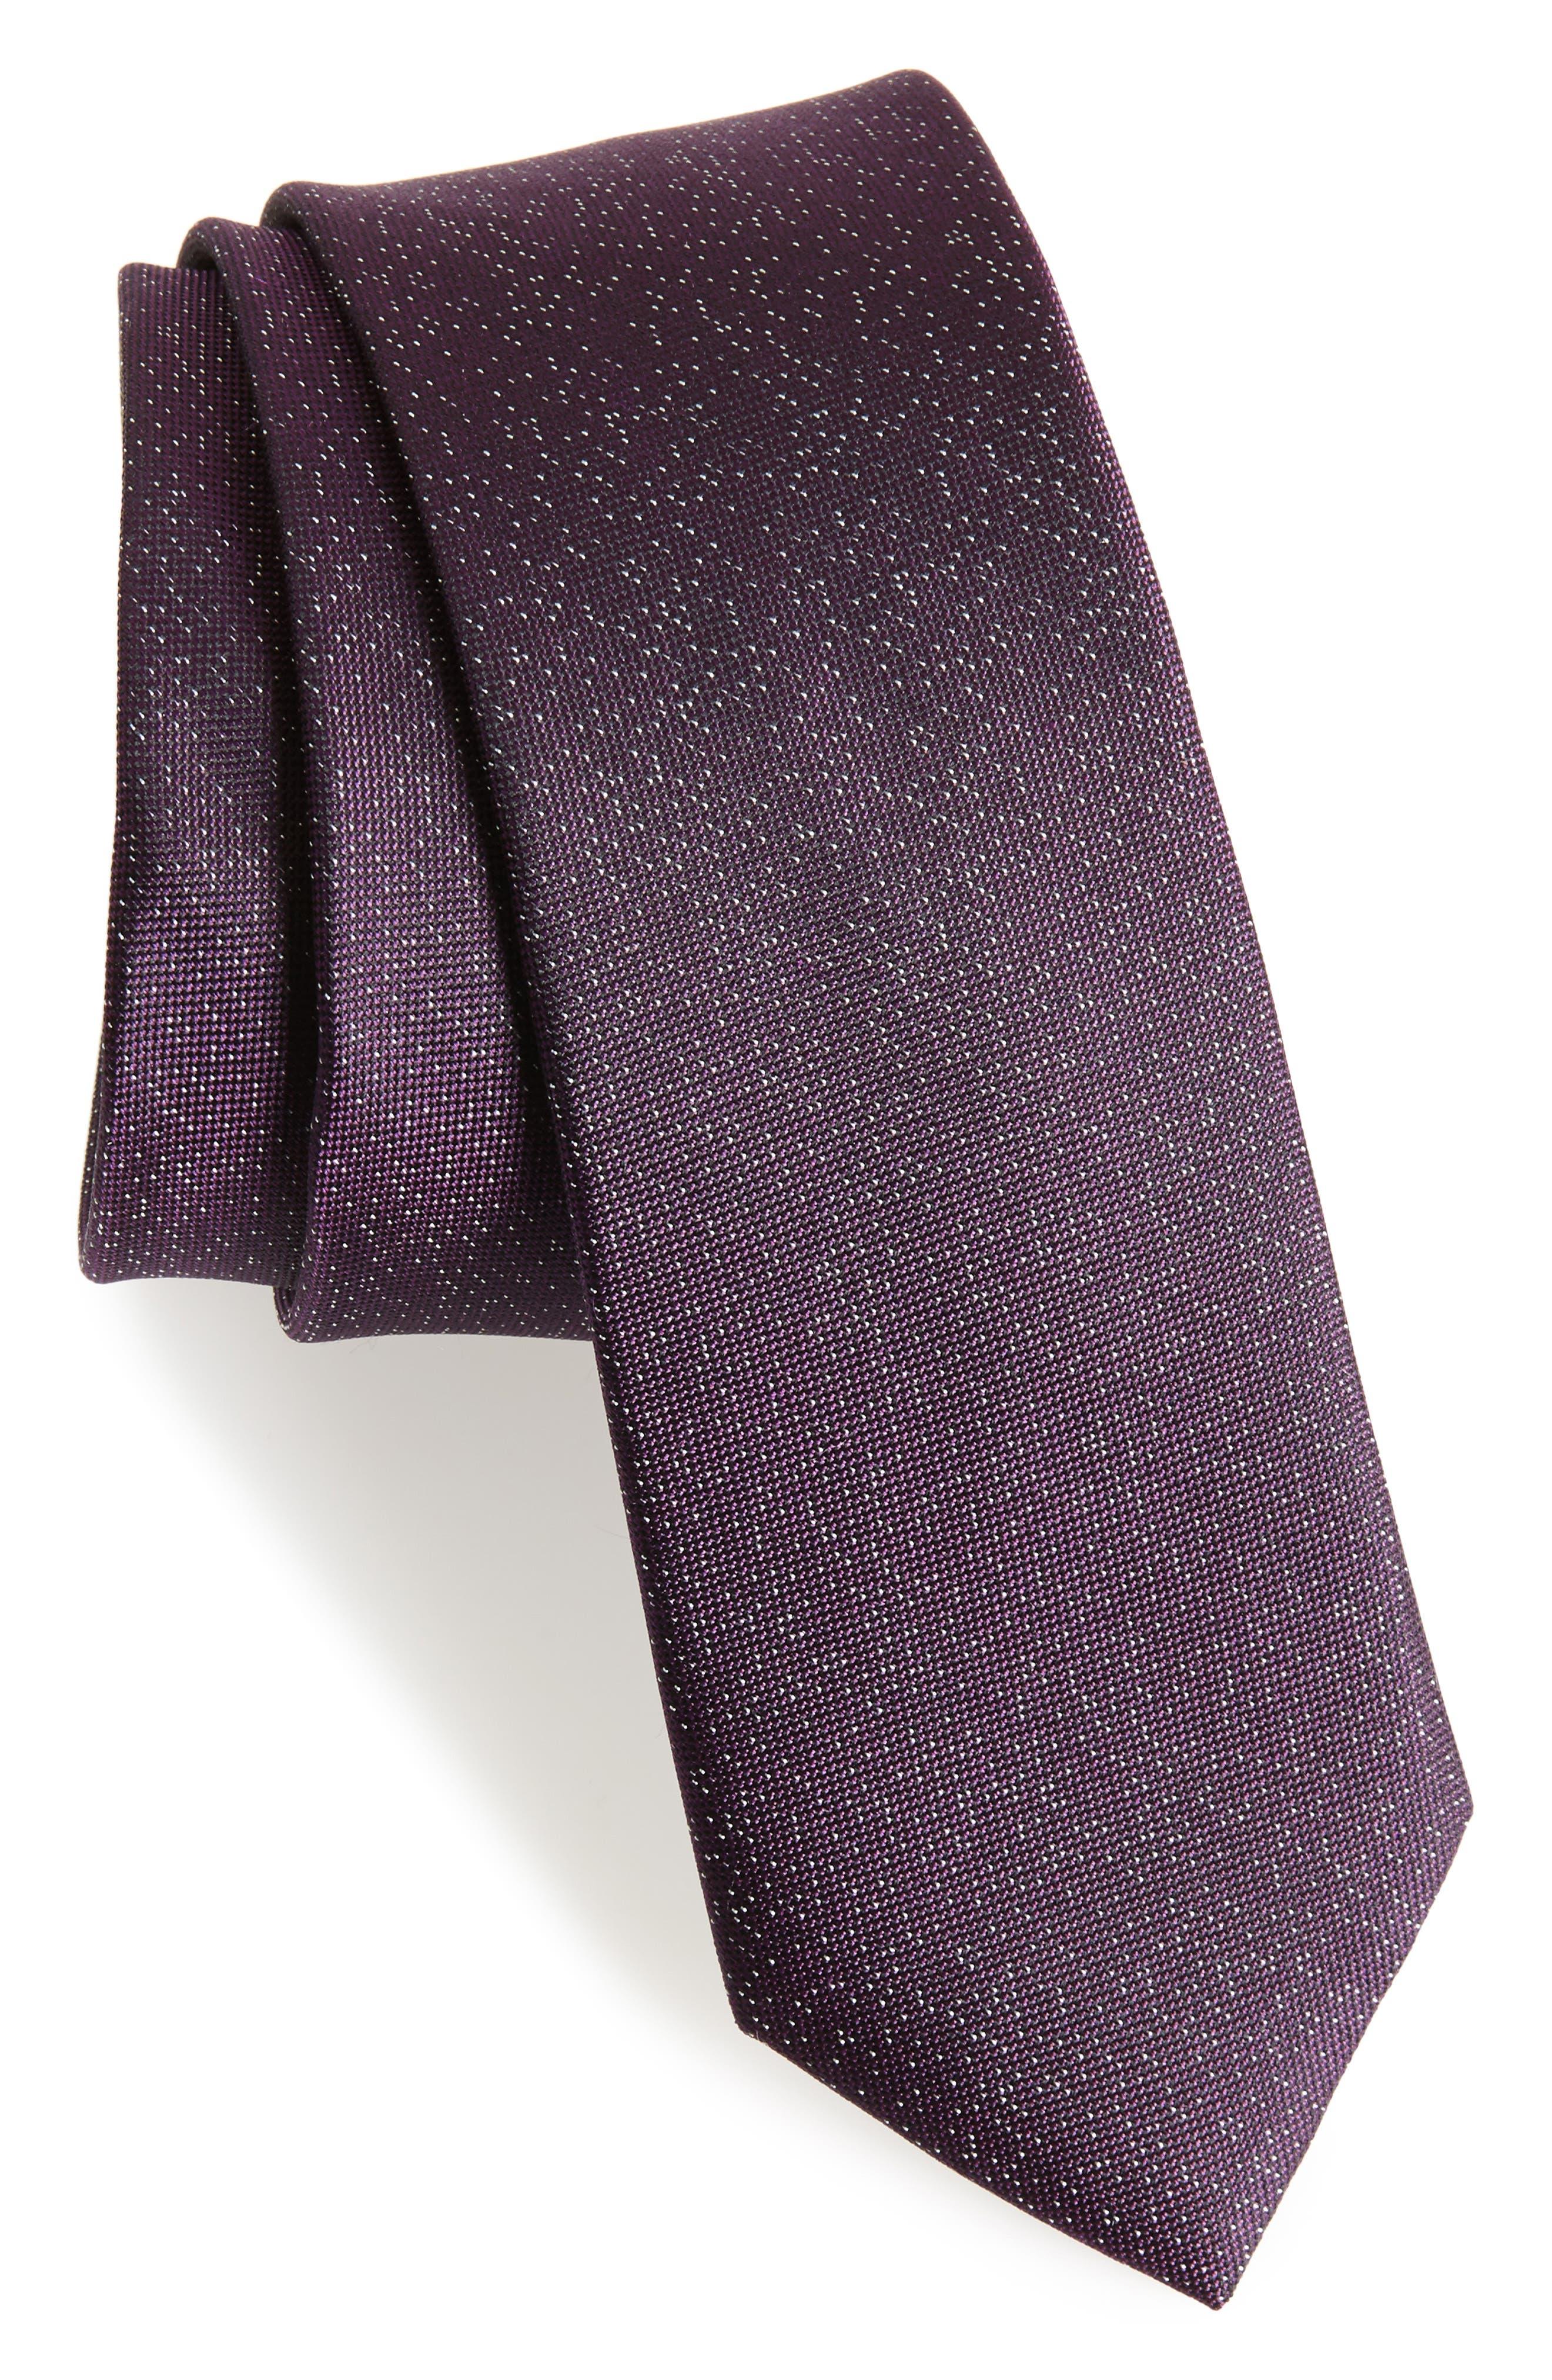 Main Image - Calibrate Confetti Silk Skinny Tie